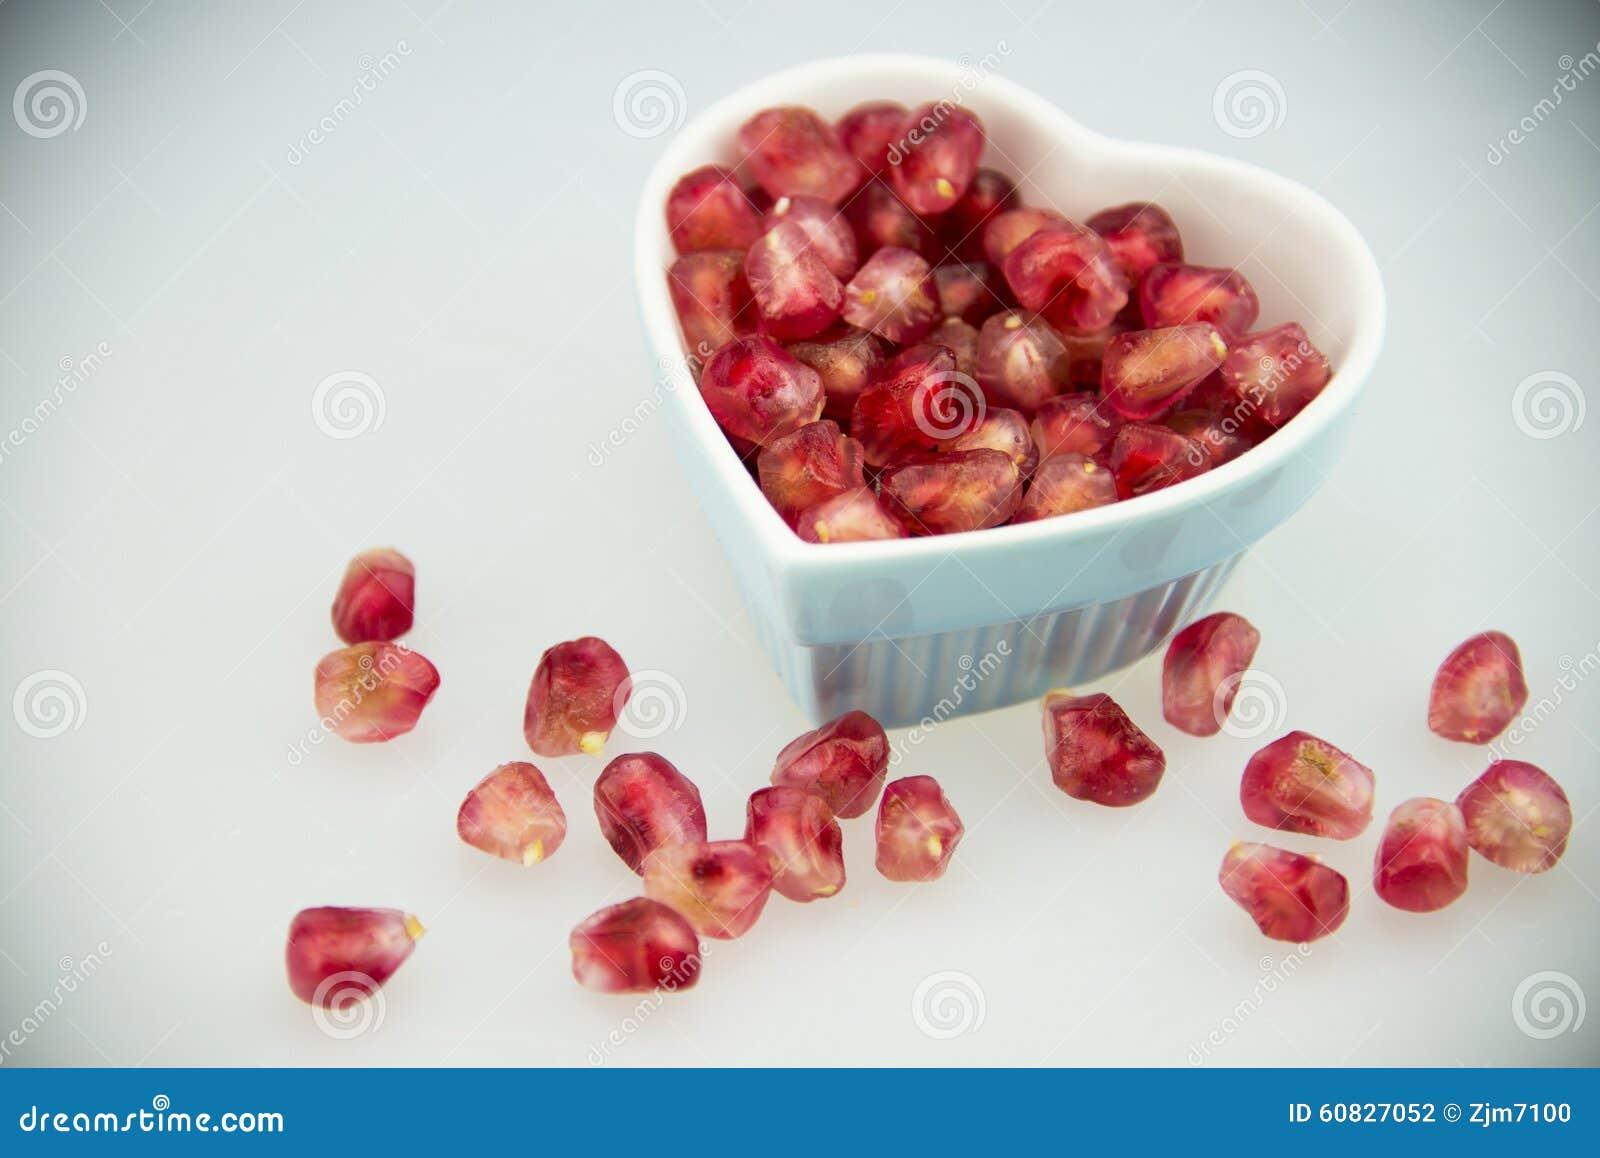 Placa en forma de corazón, fruta roja de la granada